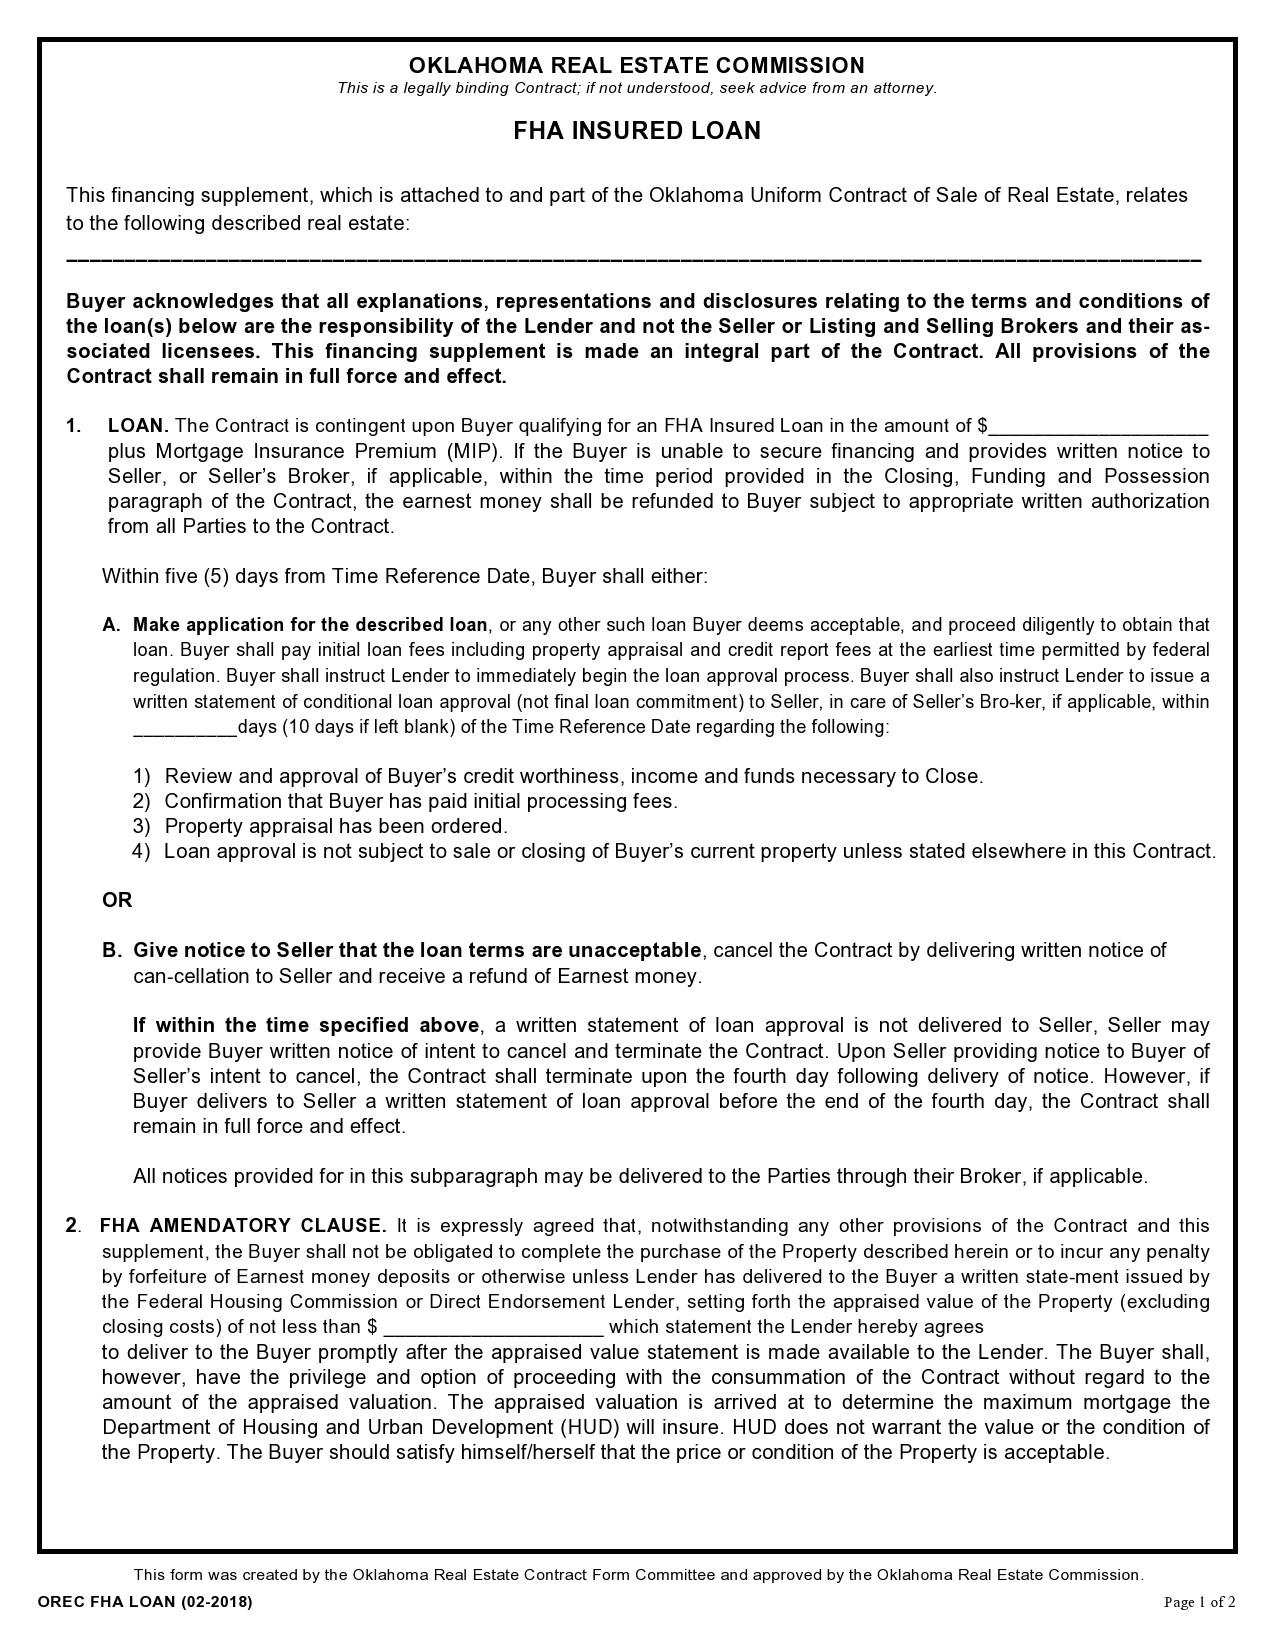 Free third party financing addendum 10